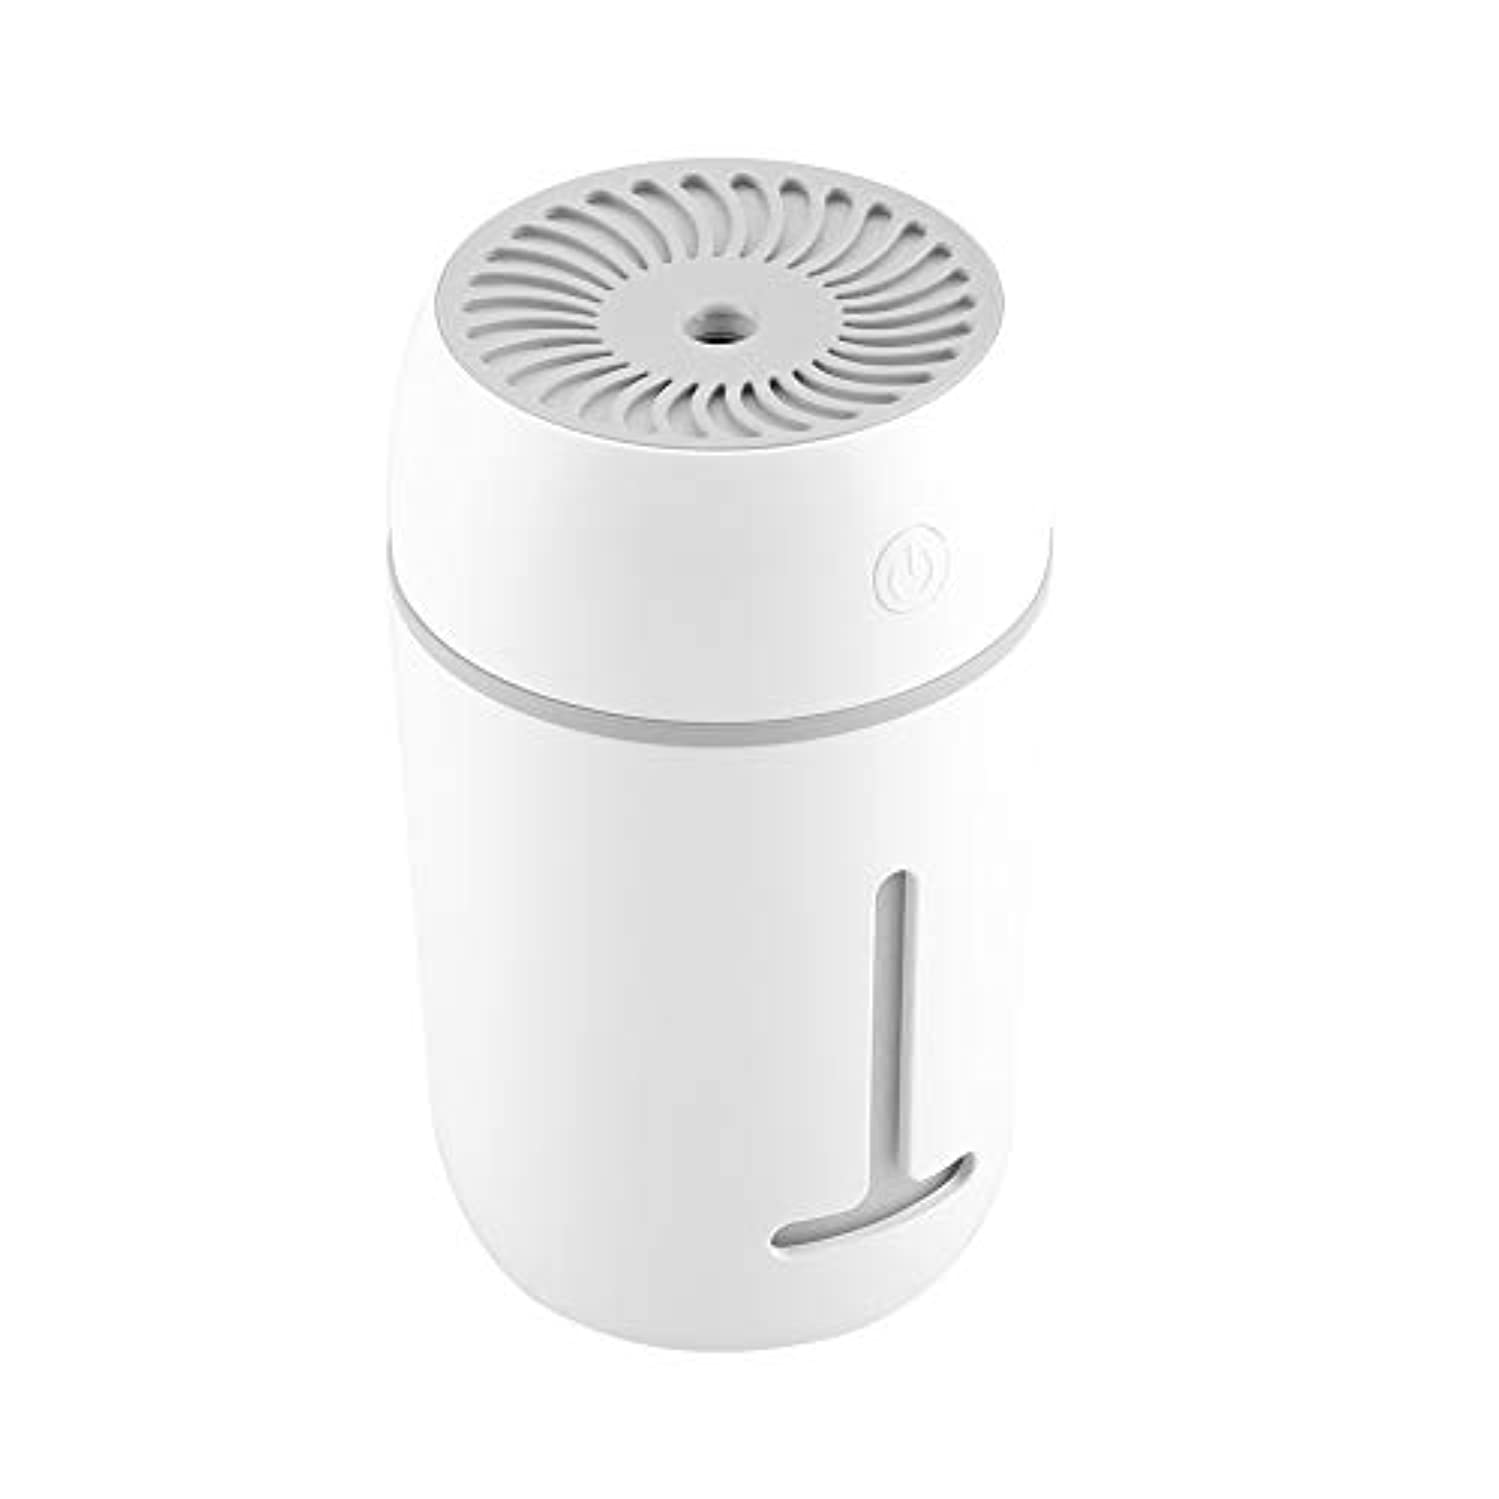 膨らませる挽く病気携帯用加湿器、車のオフィスのためのUSBの再充電可能な携帯用超音波加湿器の拡散器7色LEDライト